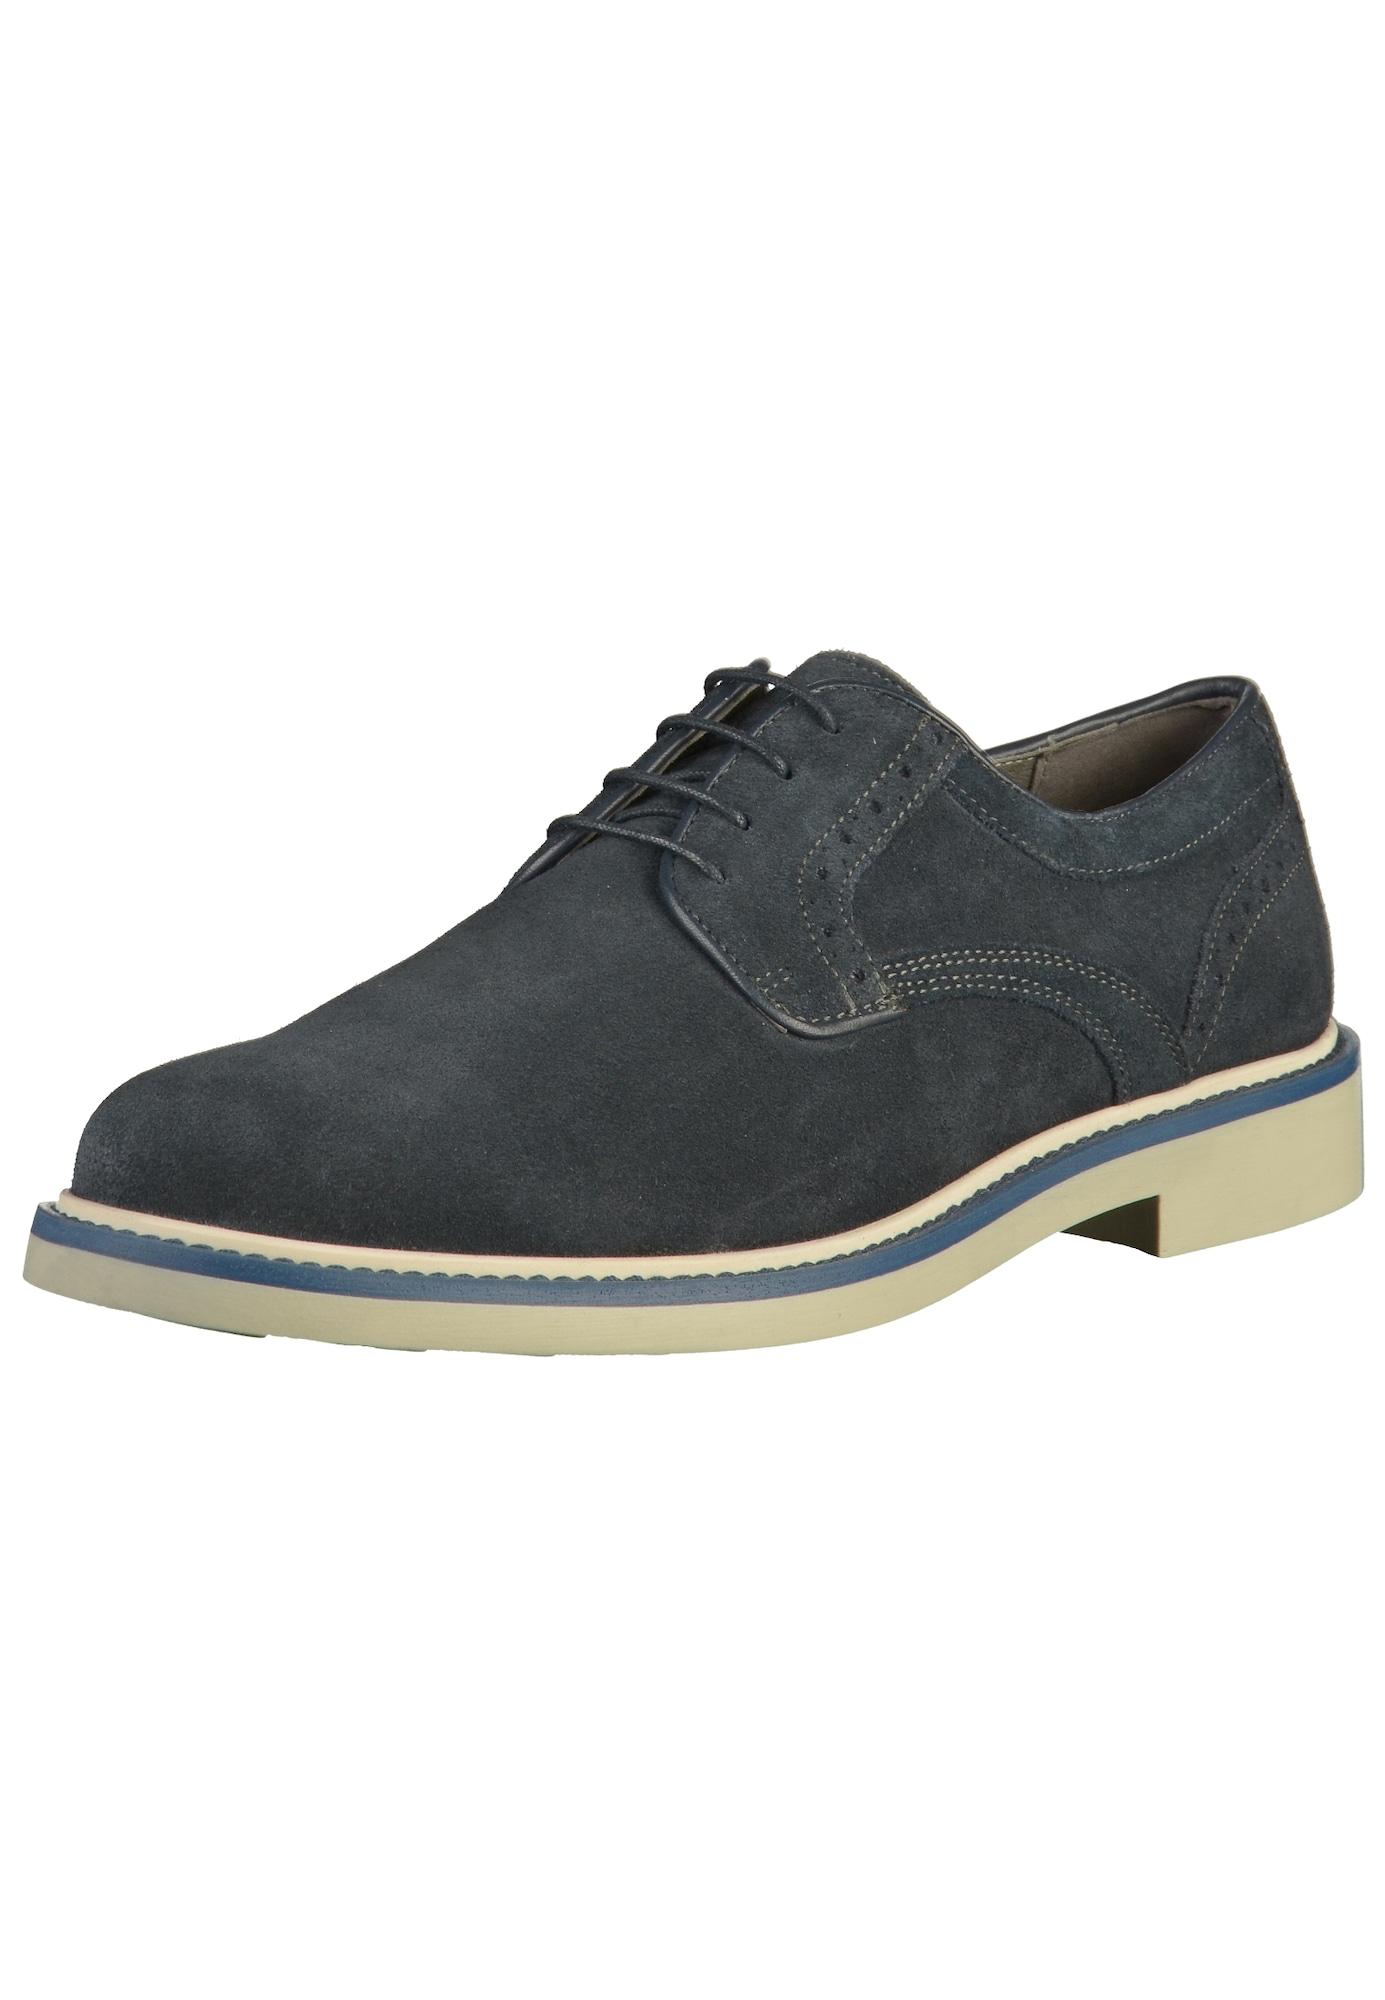 Online Über Shop24 Schuhe Kaufen atShop24 Günstig XikuPZ